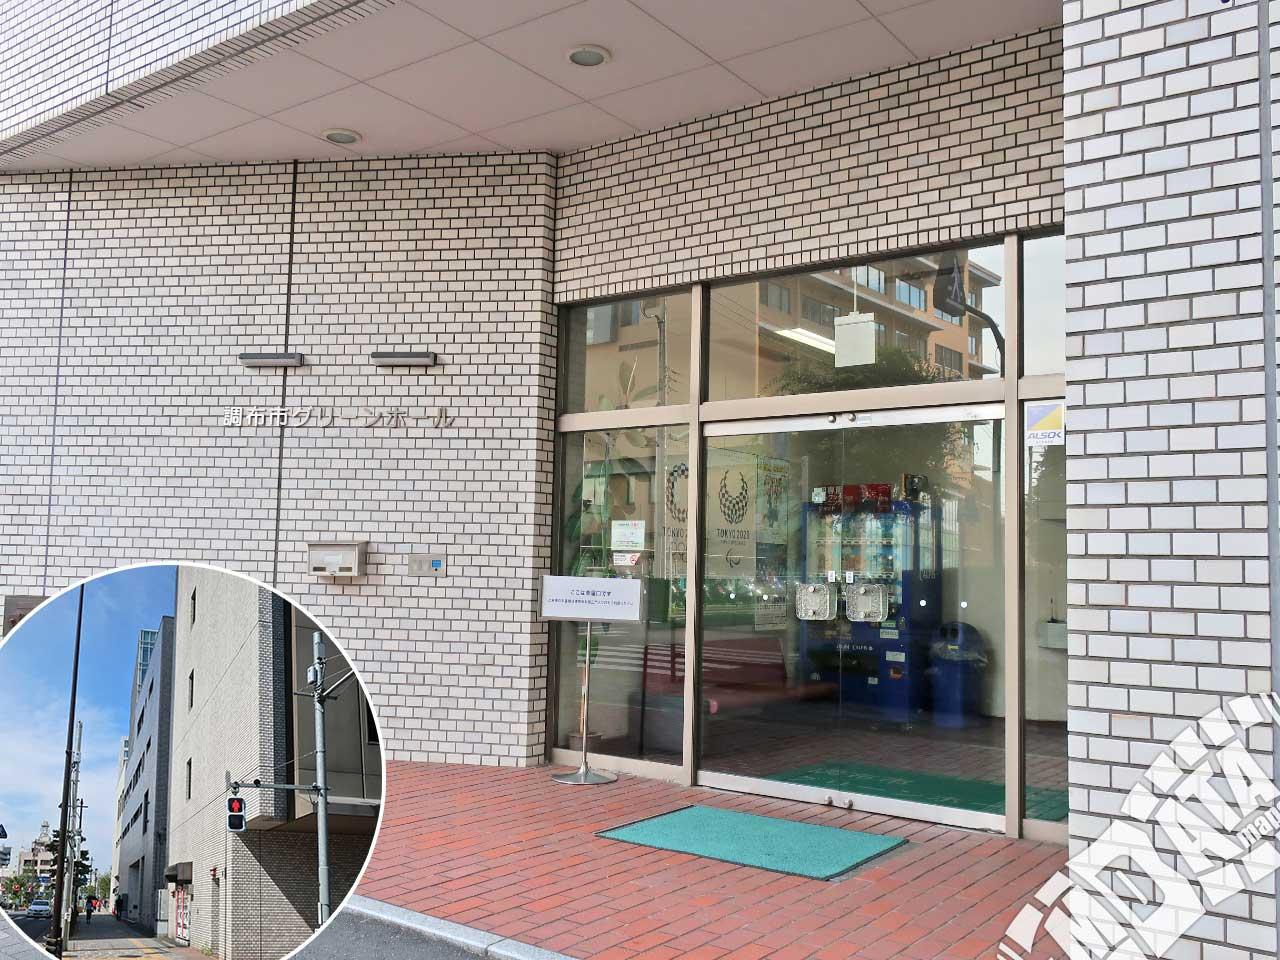 調布市グリーンホール (東京都 調布市) - LiveWalker.com